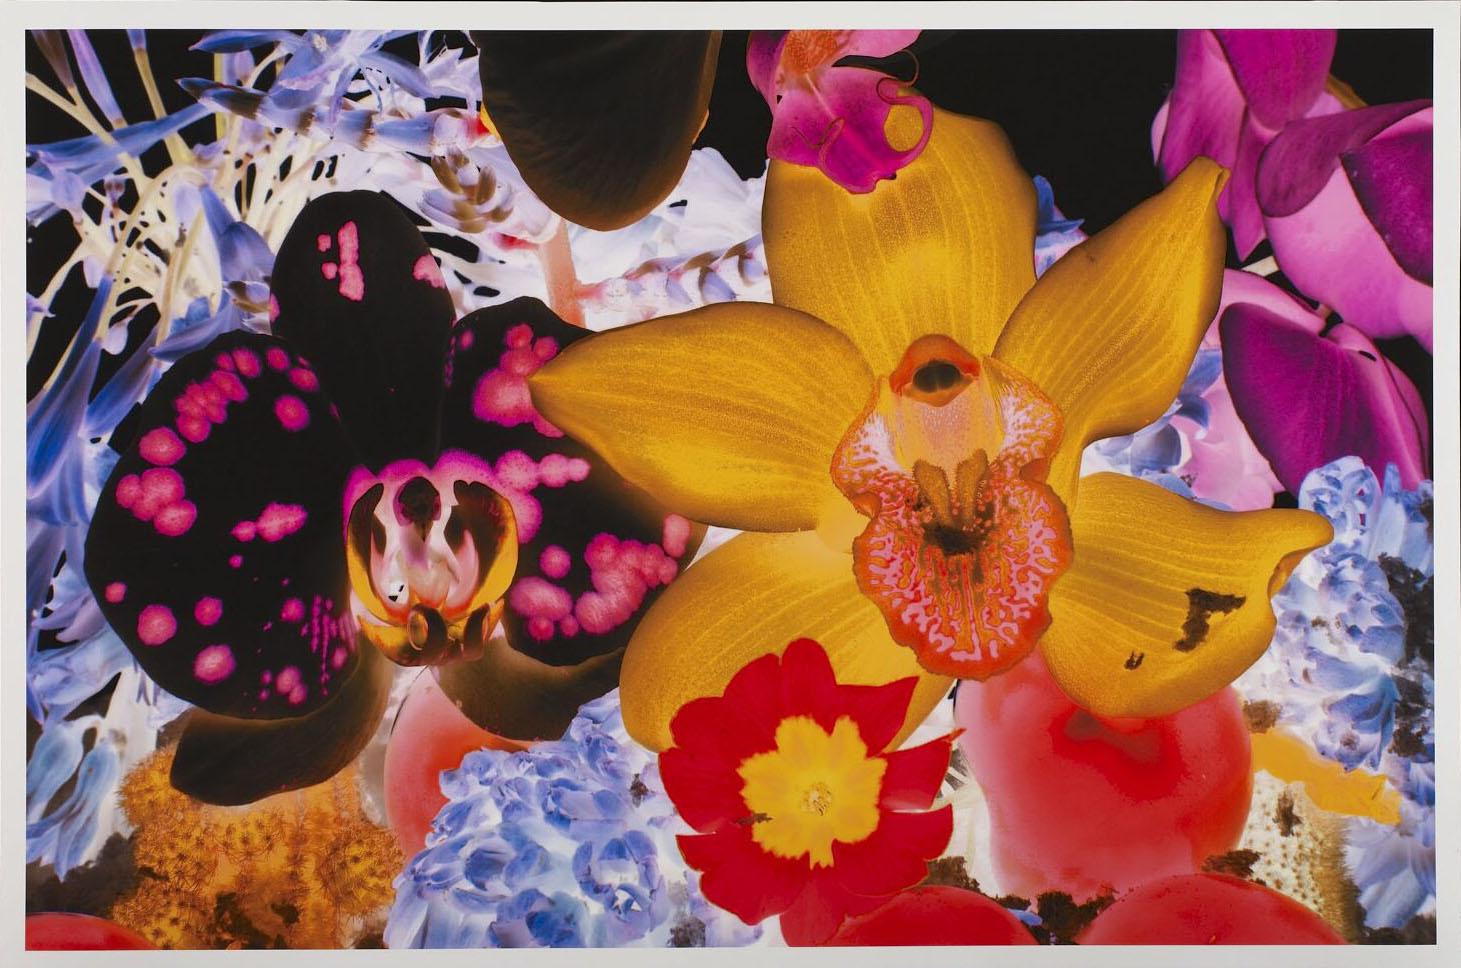 Marc Quinn  At the Far Edges of the Universe • 2010 Gravura em pigmento Edição: 59 74 x 108 cm